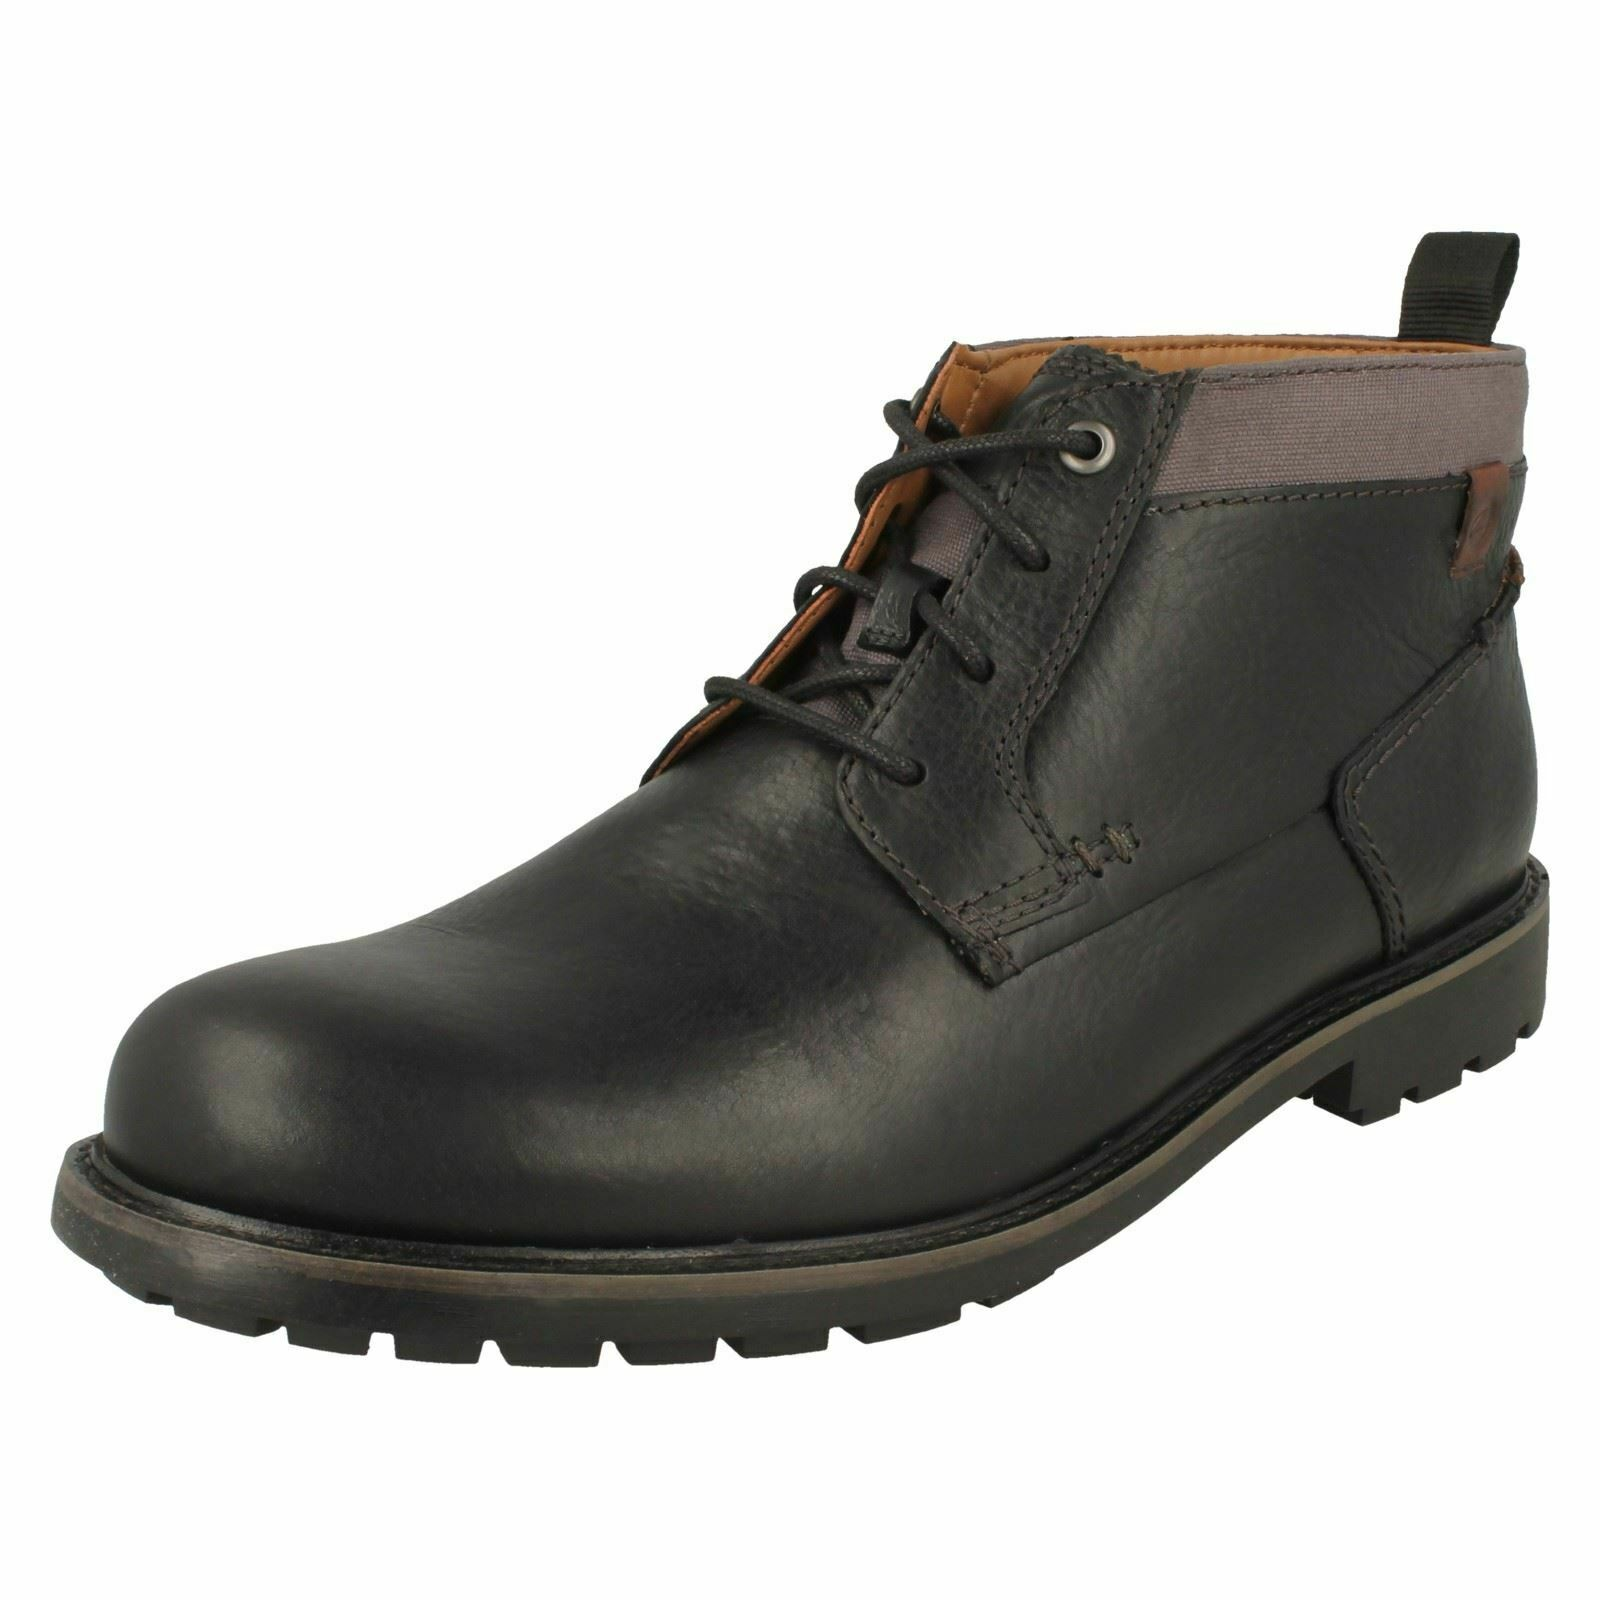 Clarks Mens Lace Up Chukka Boots Bowzer Mid